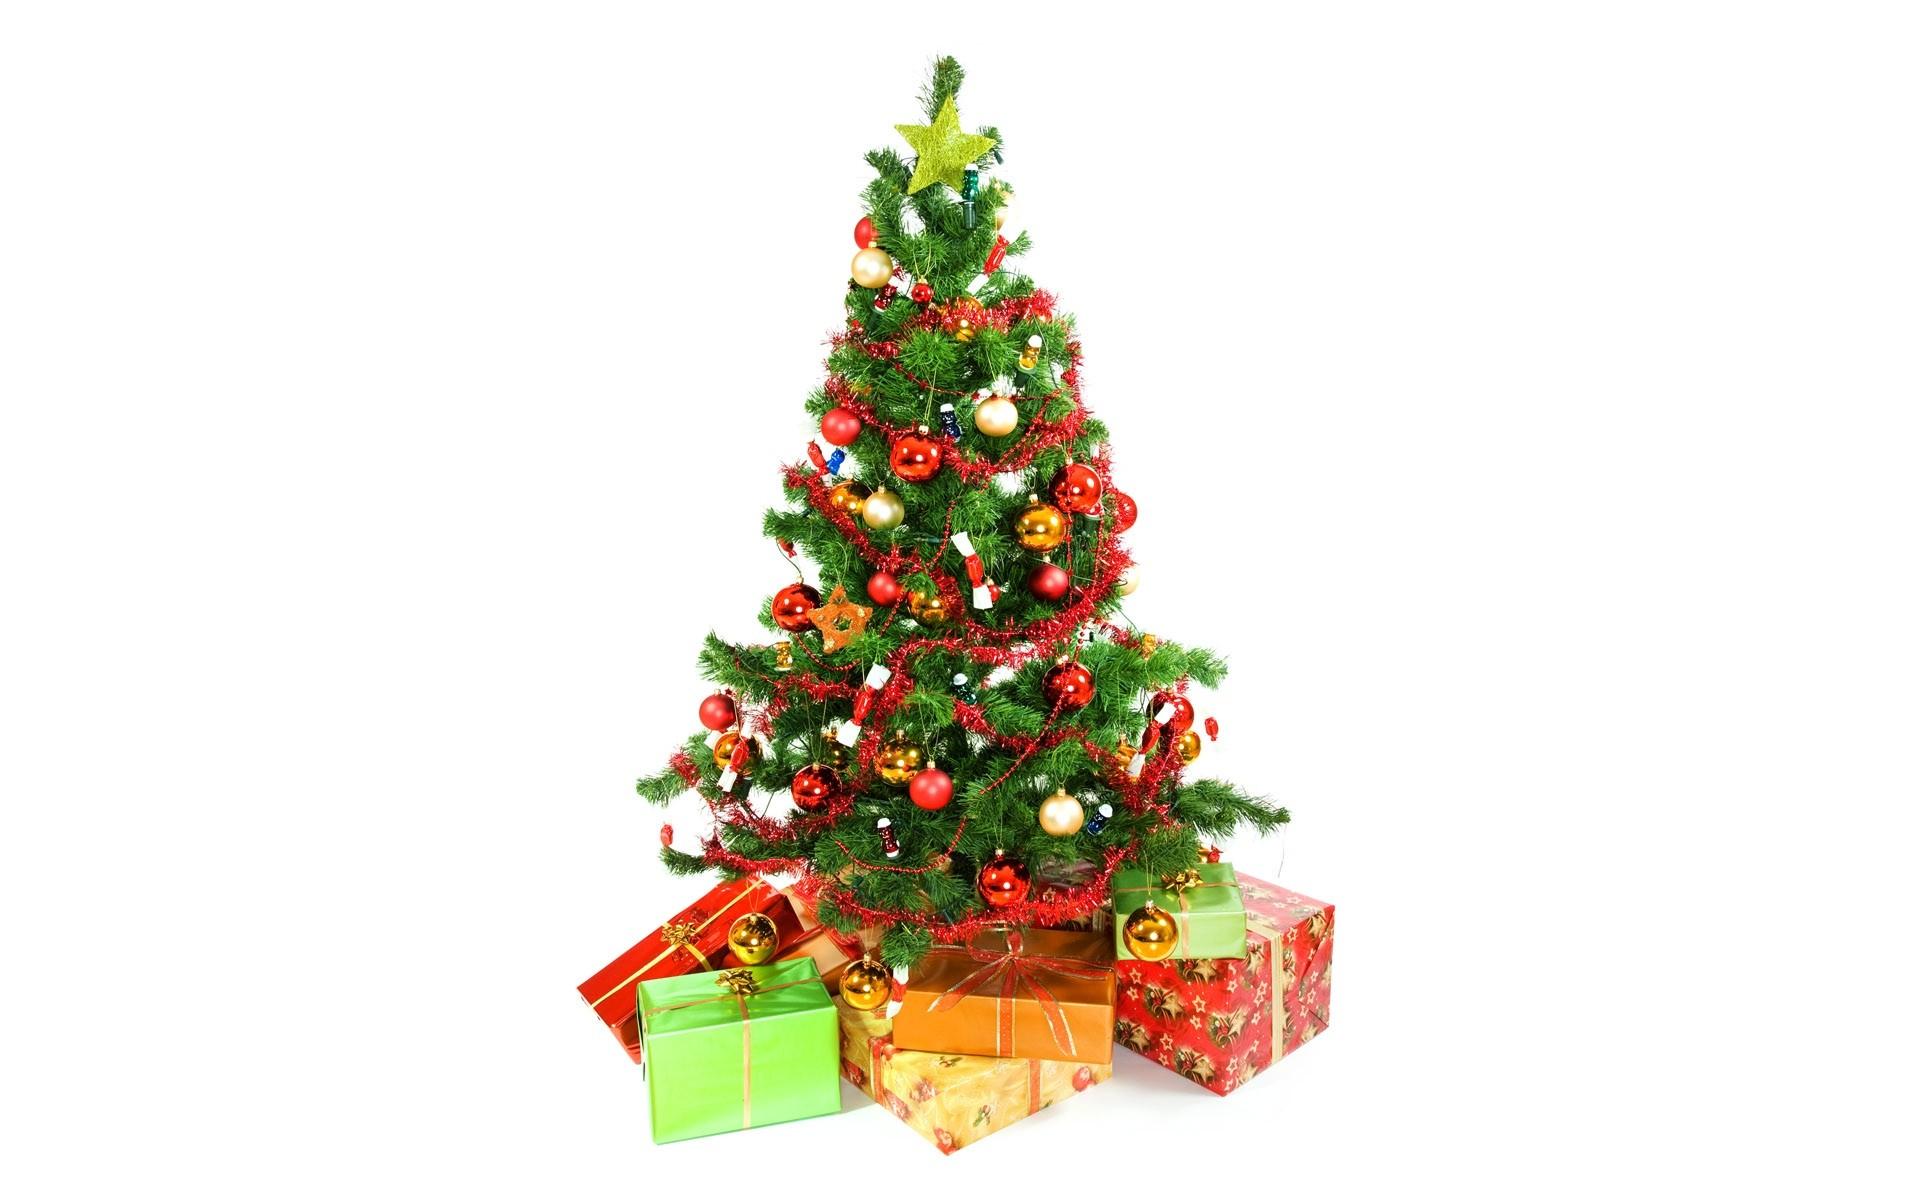 Diseño de Arbol de Navidad - 1920x1200